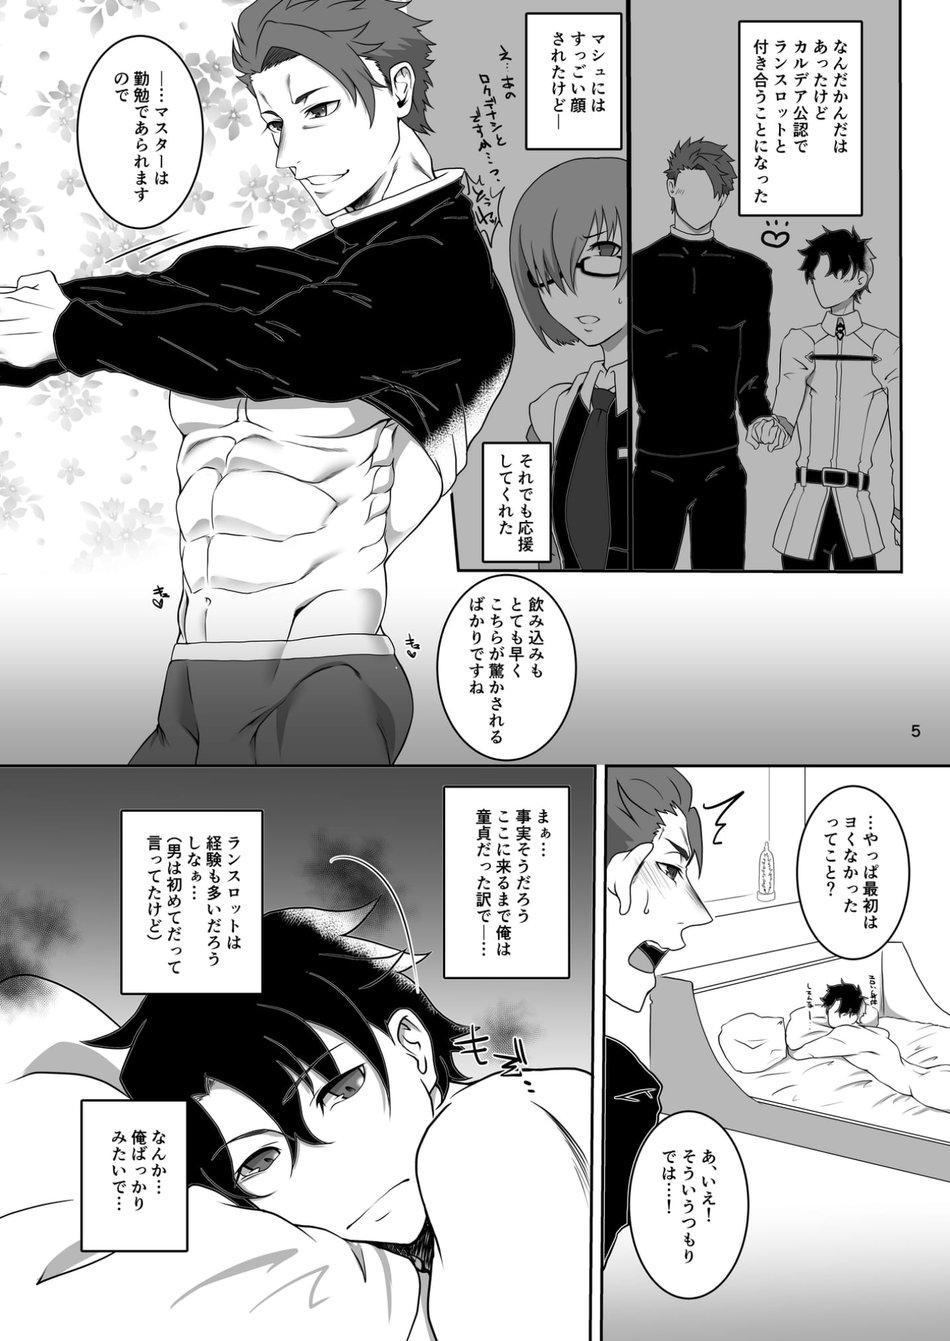 Bed in Lancelot 3